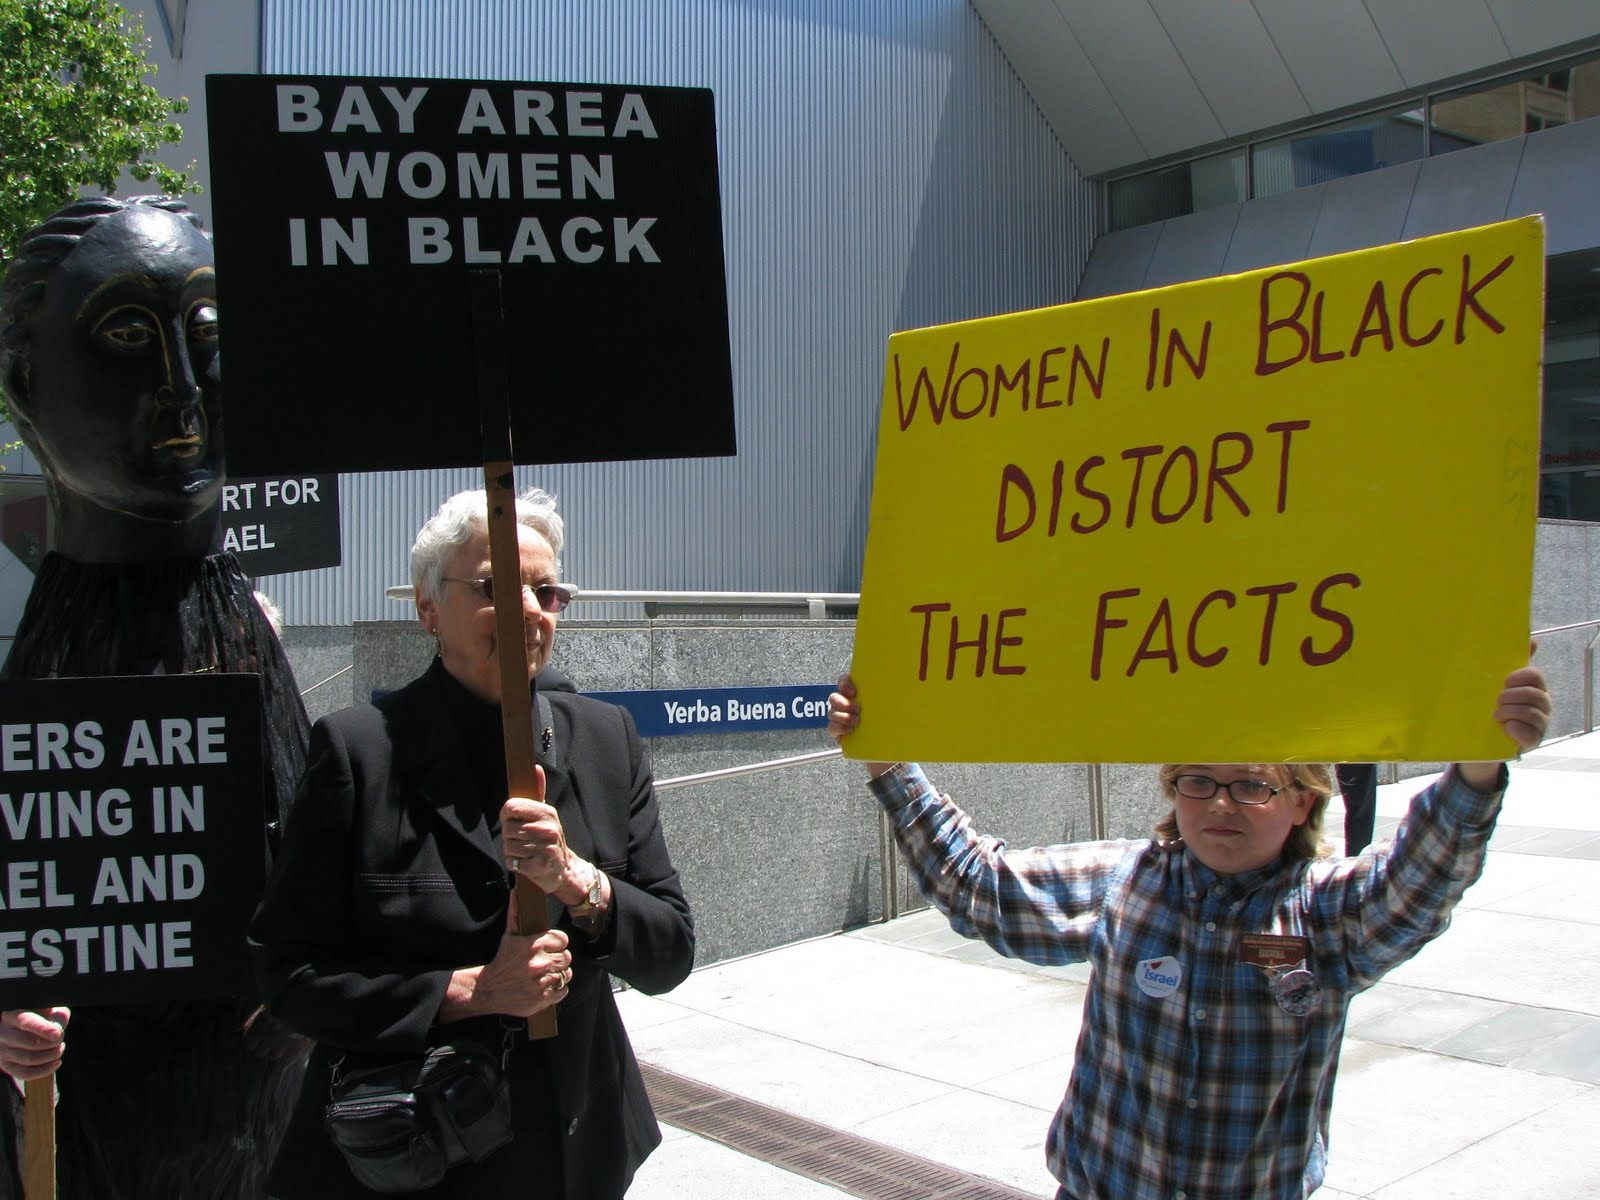 Women seeking men in the bay area